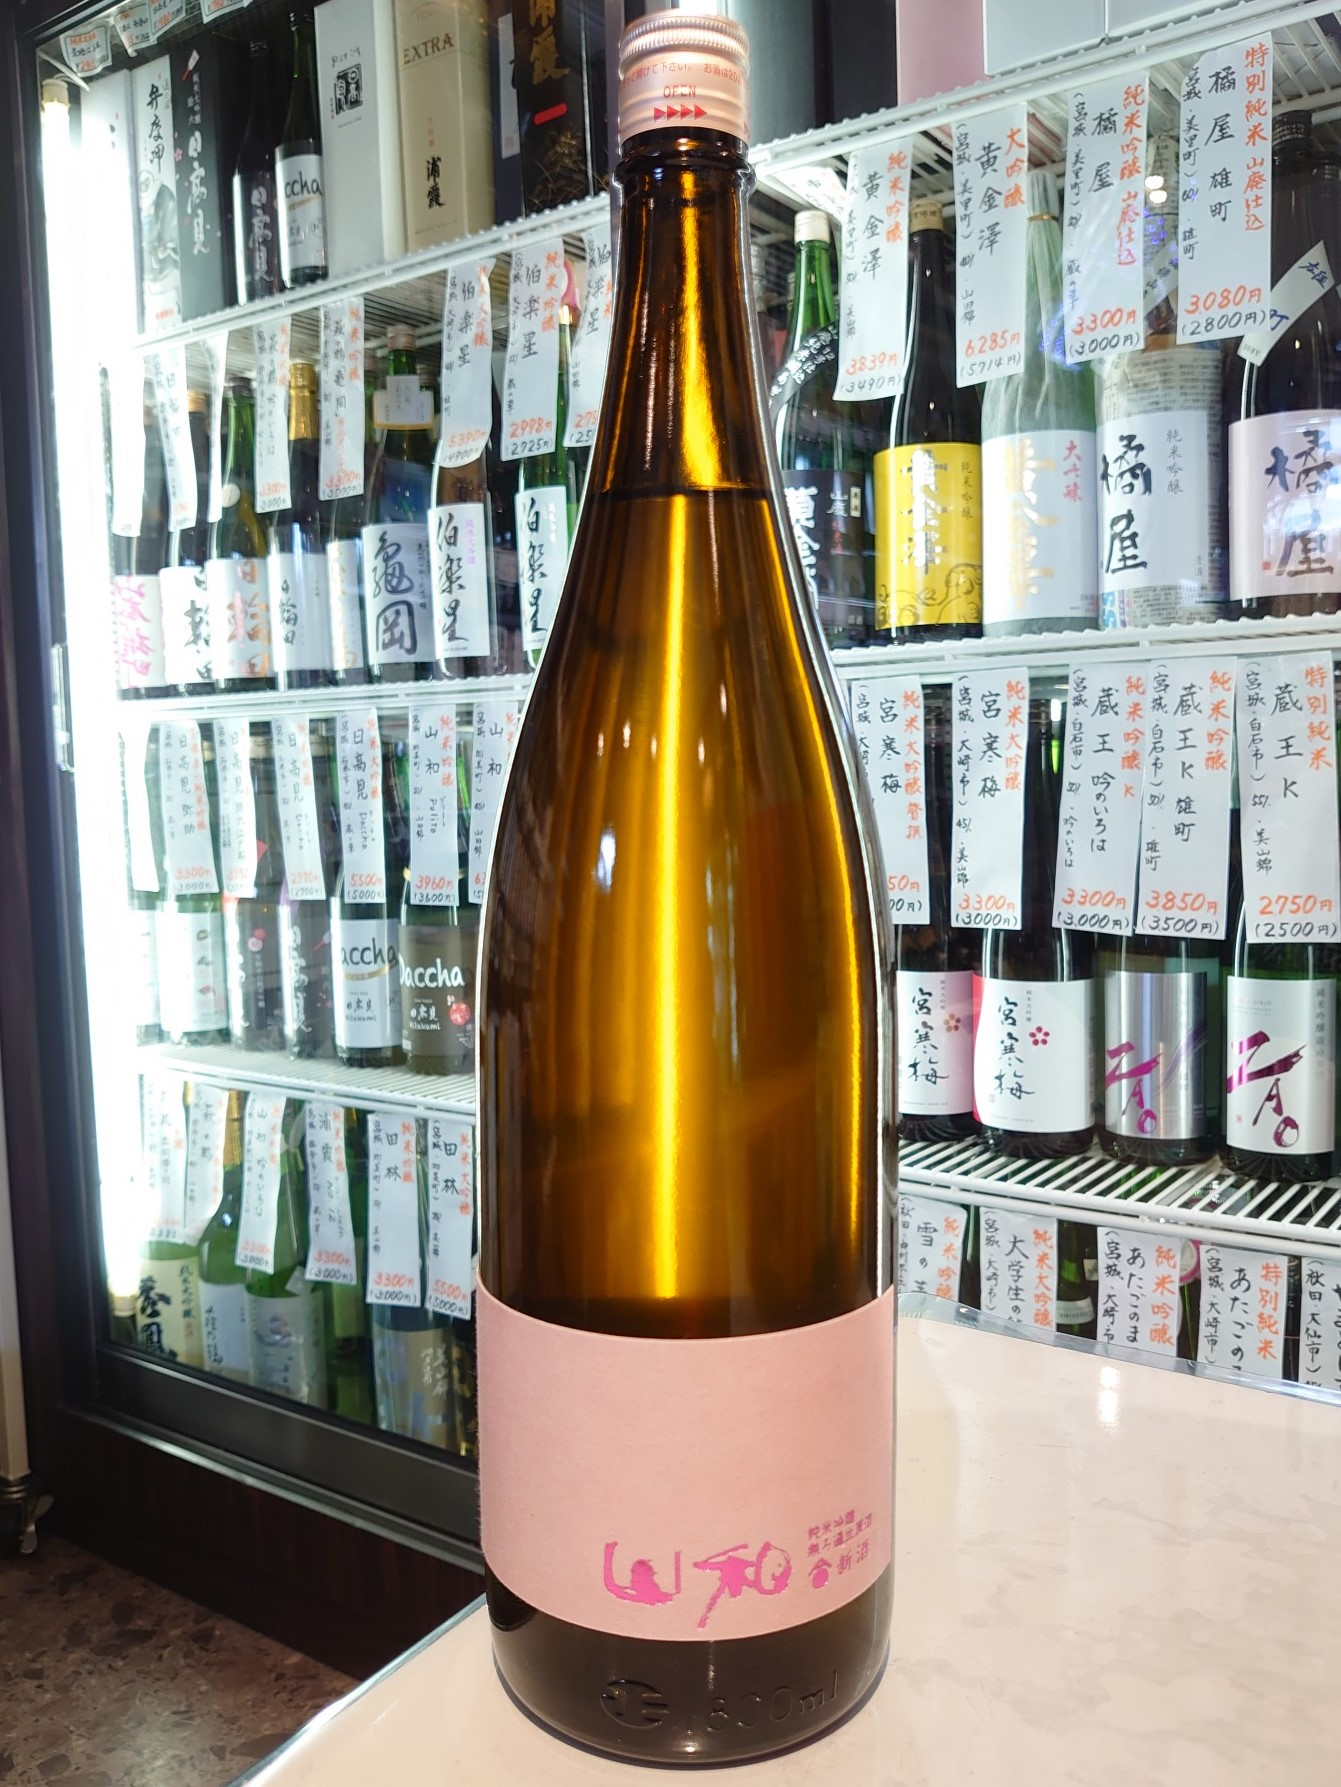 山和 純米吟醸 無濾過生原酒 1.8L